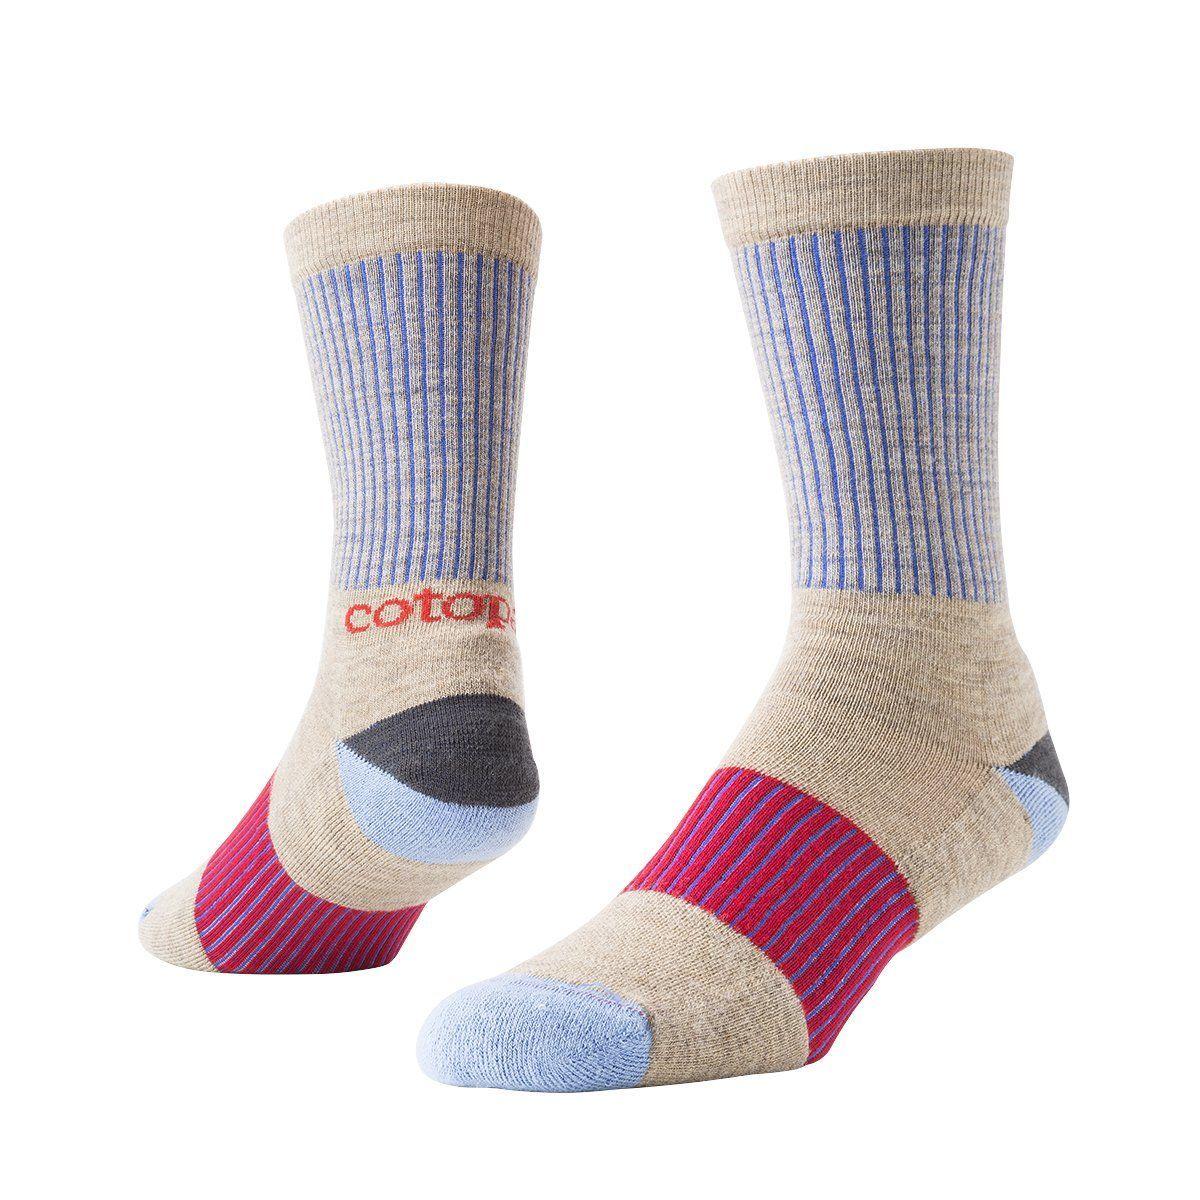 Cotopaxi Libre Socks